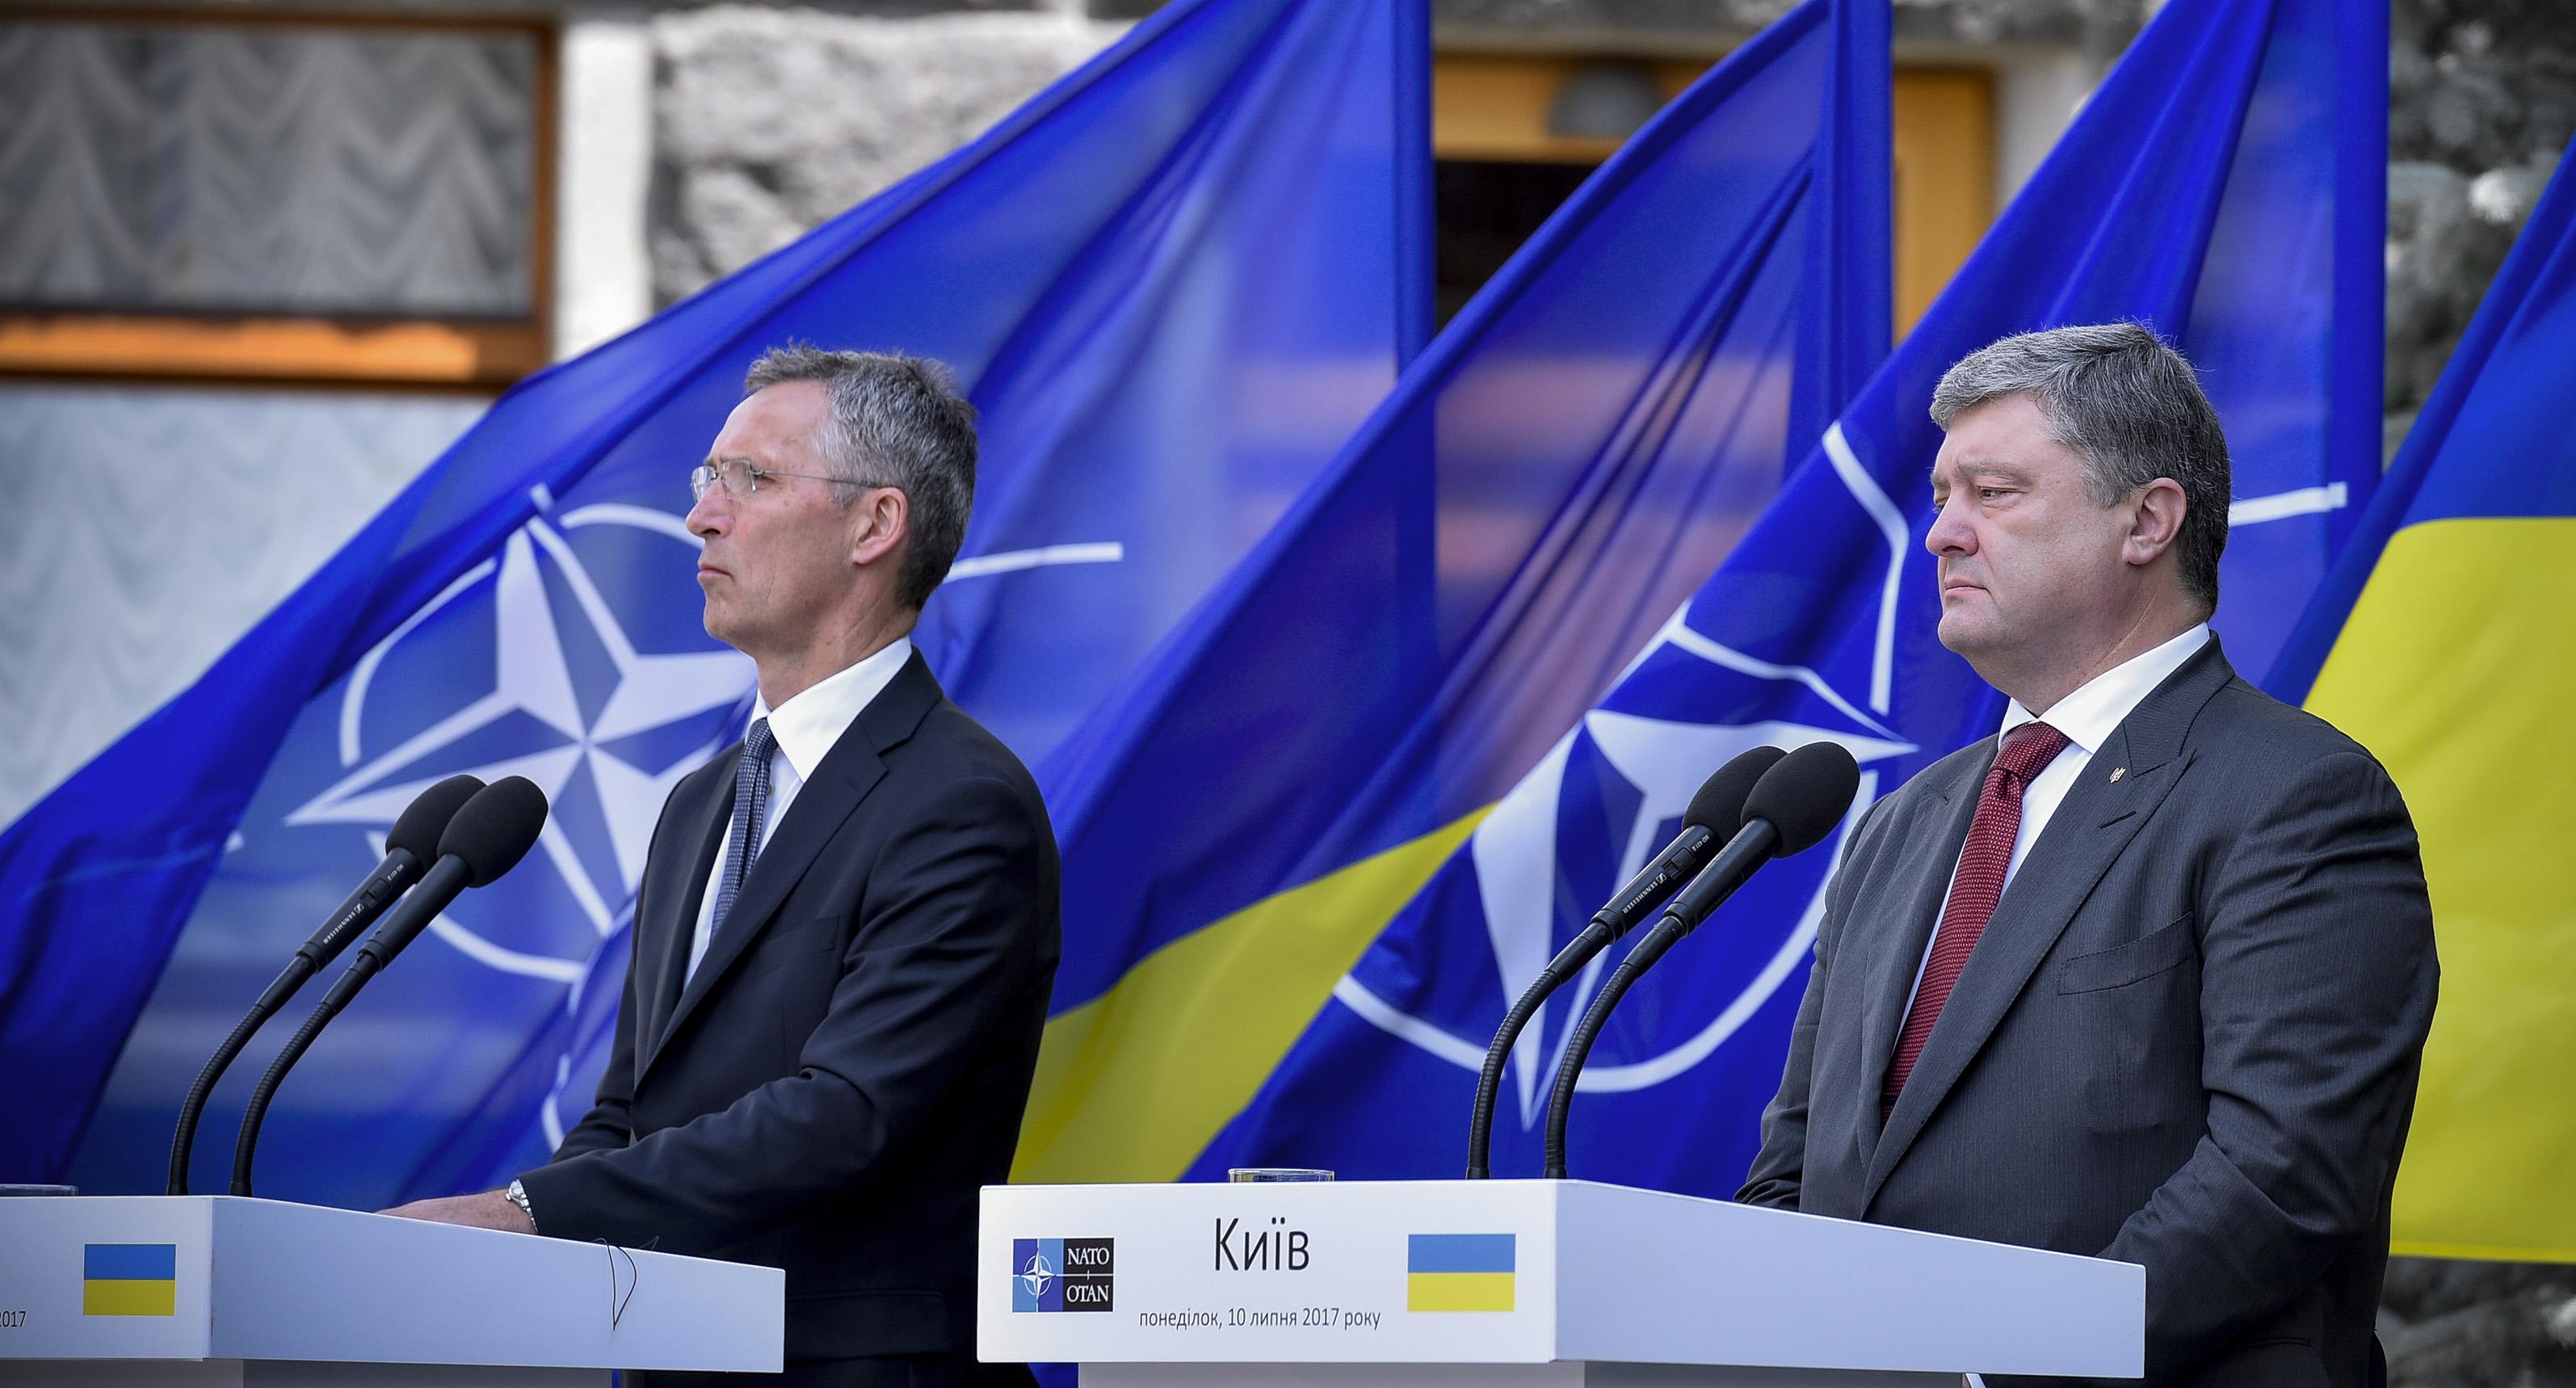 Заседание Комиссии Украина - НАТО под председательством Петра Порошенко